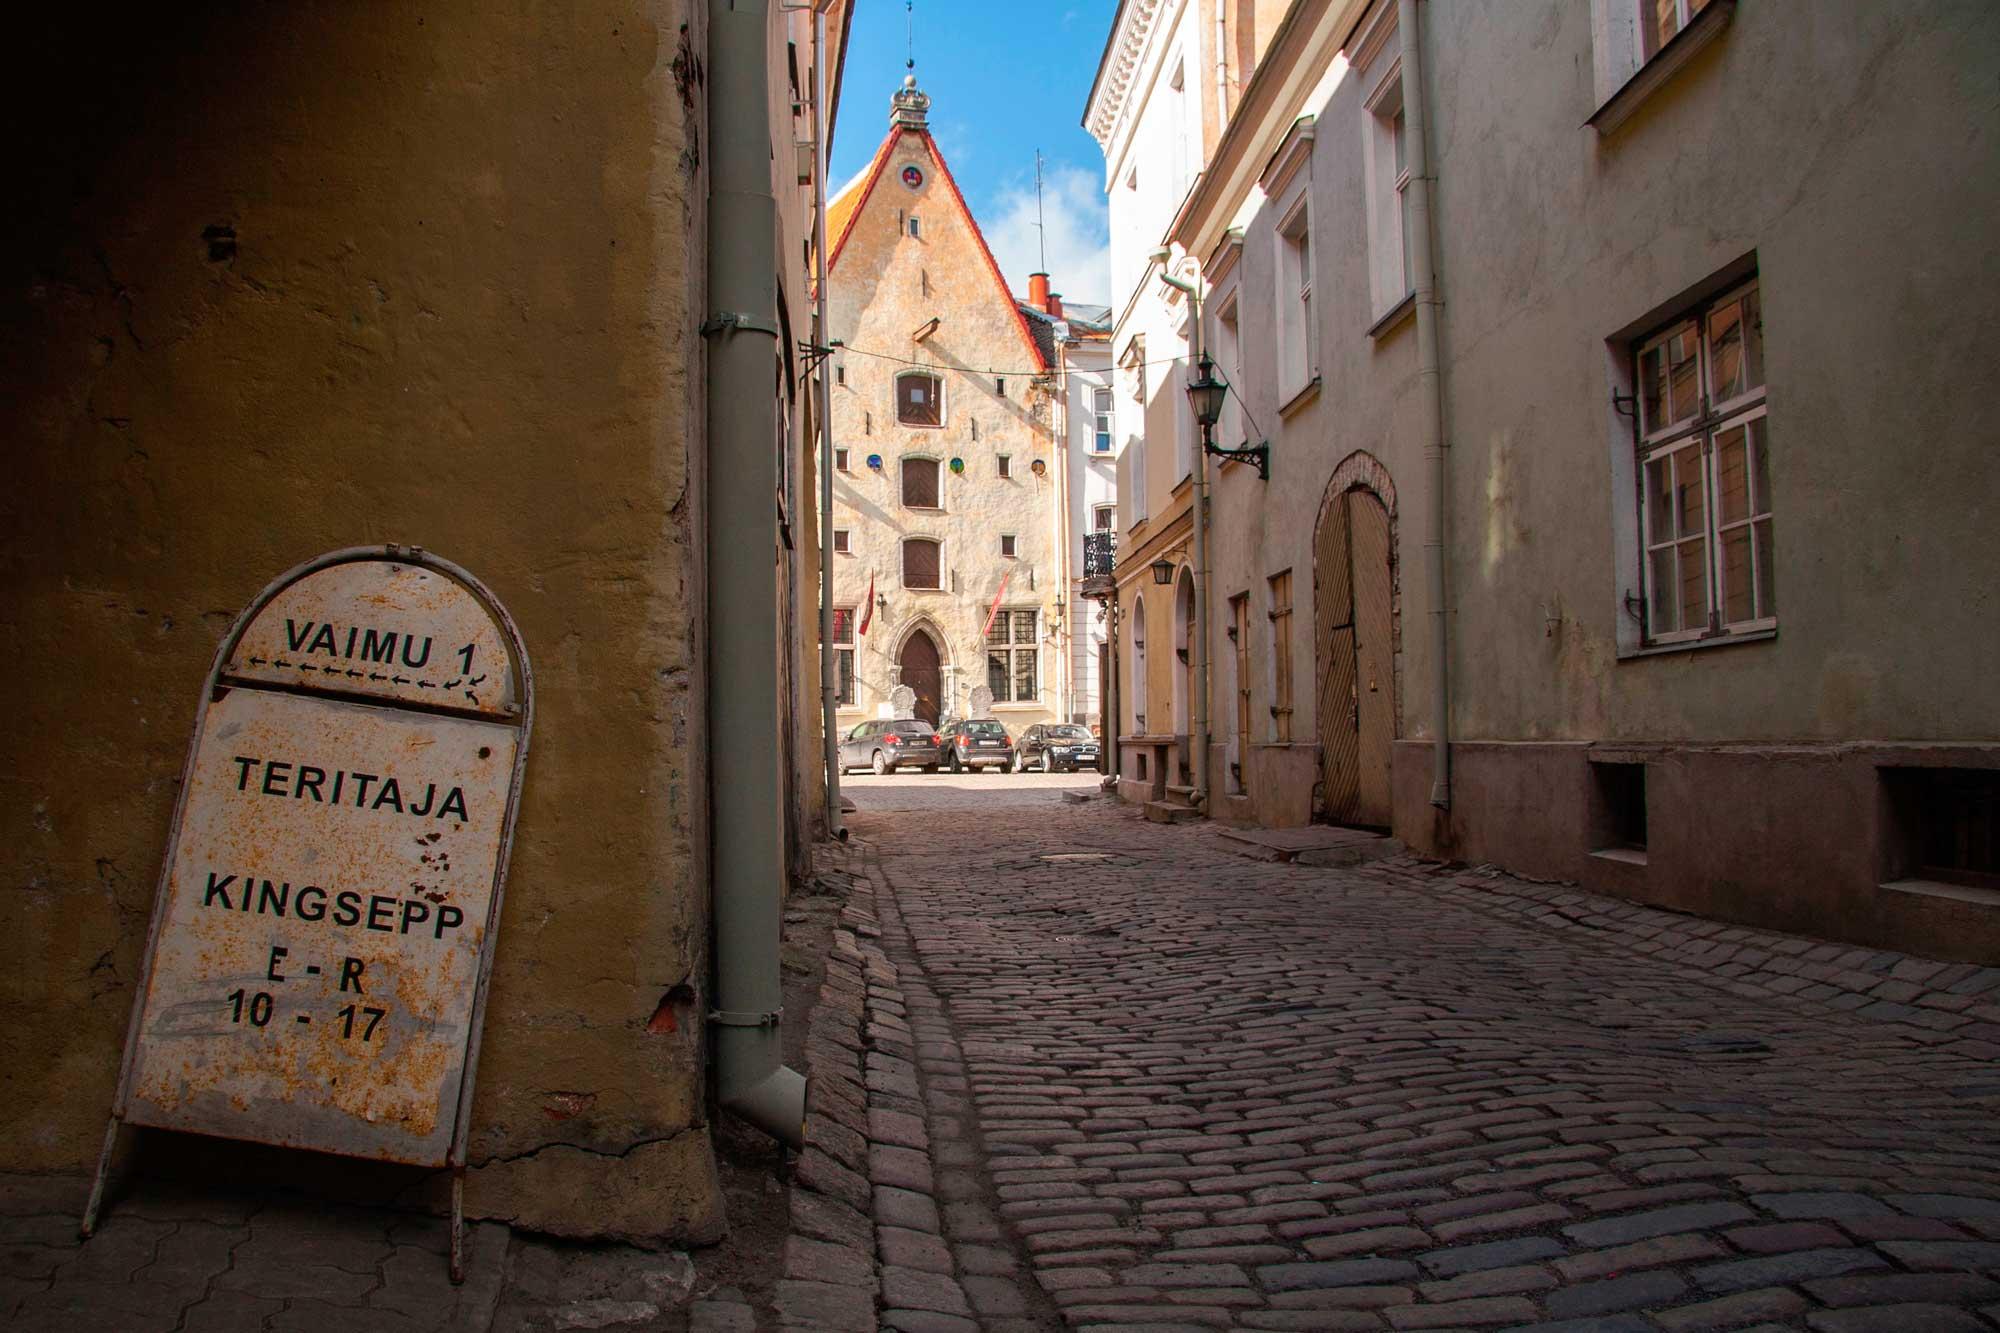 Ograničenja putovanja po zemljama Estonija